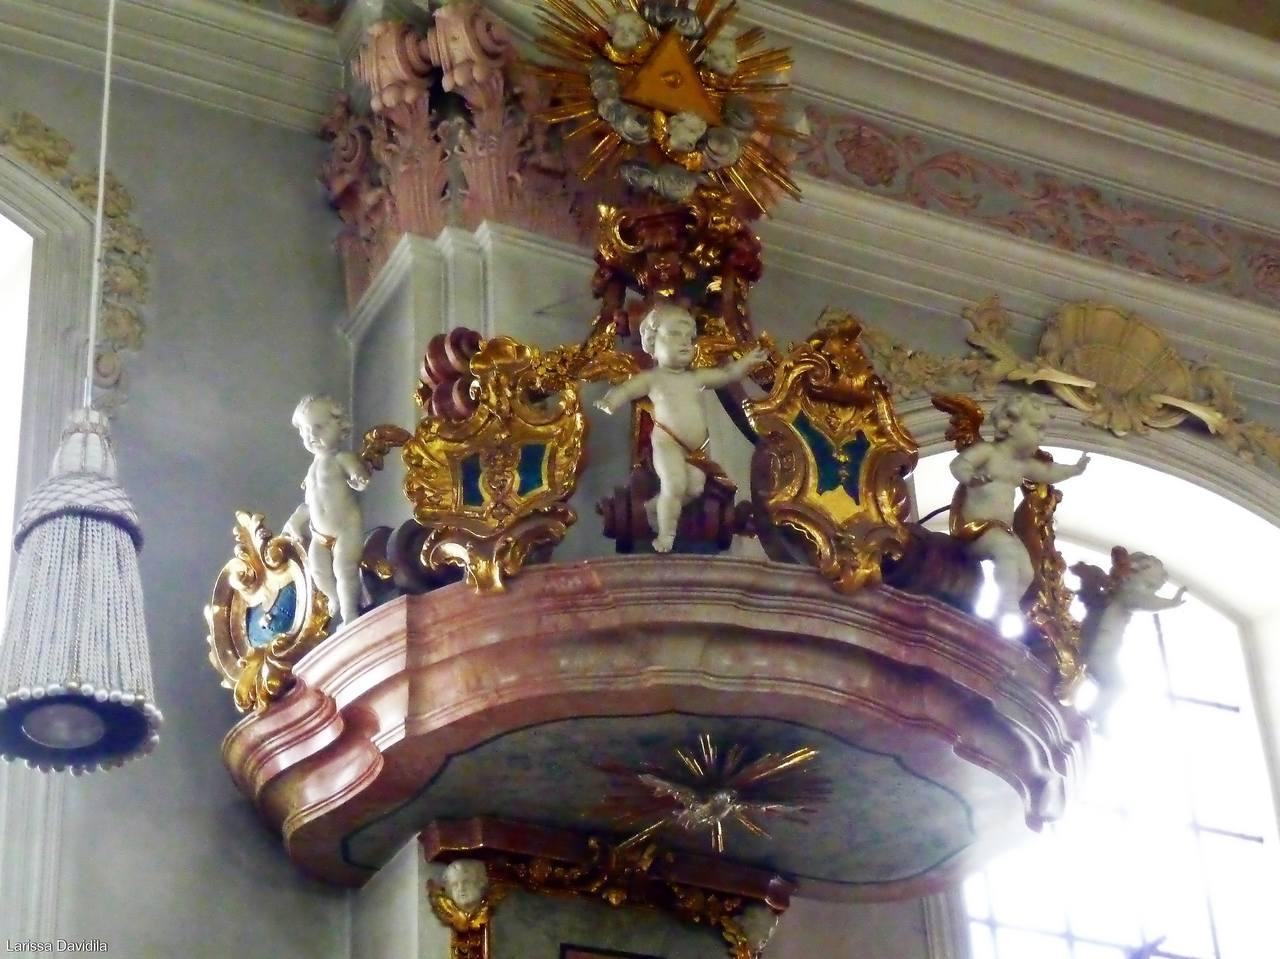 St. Johann -25-8-08 (12)